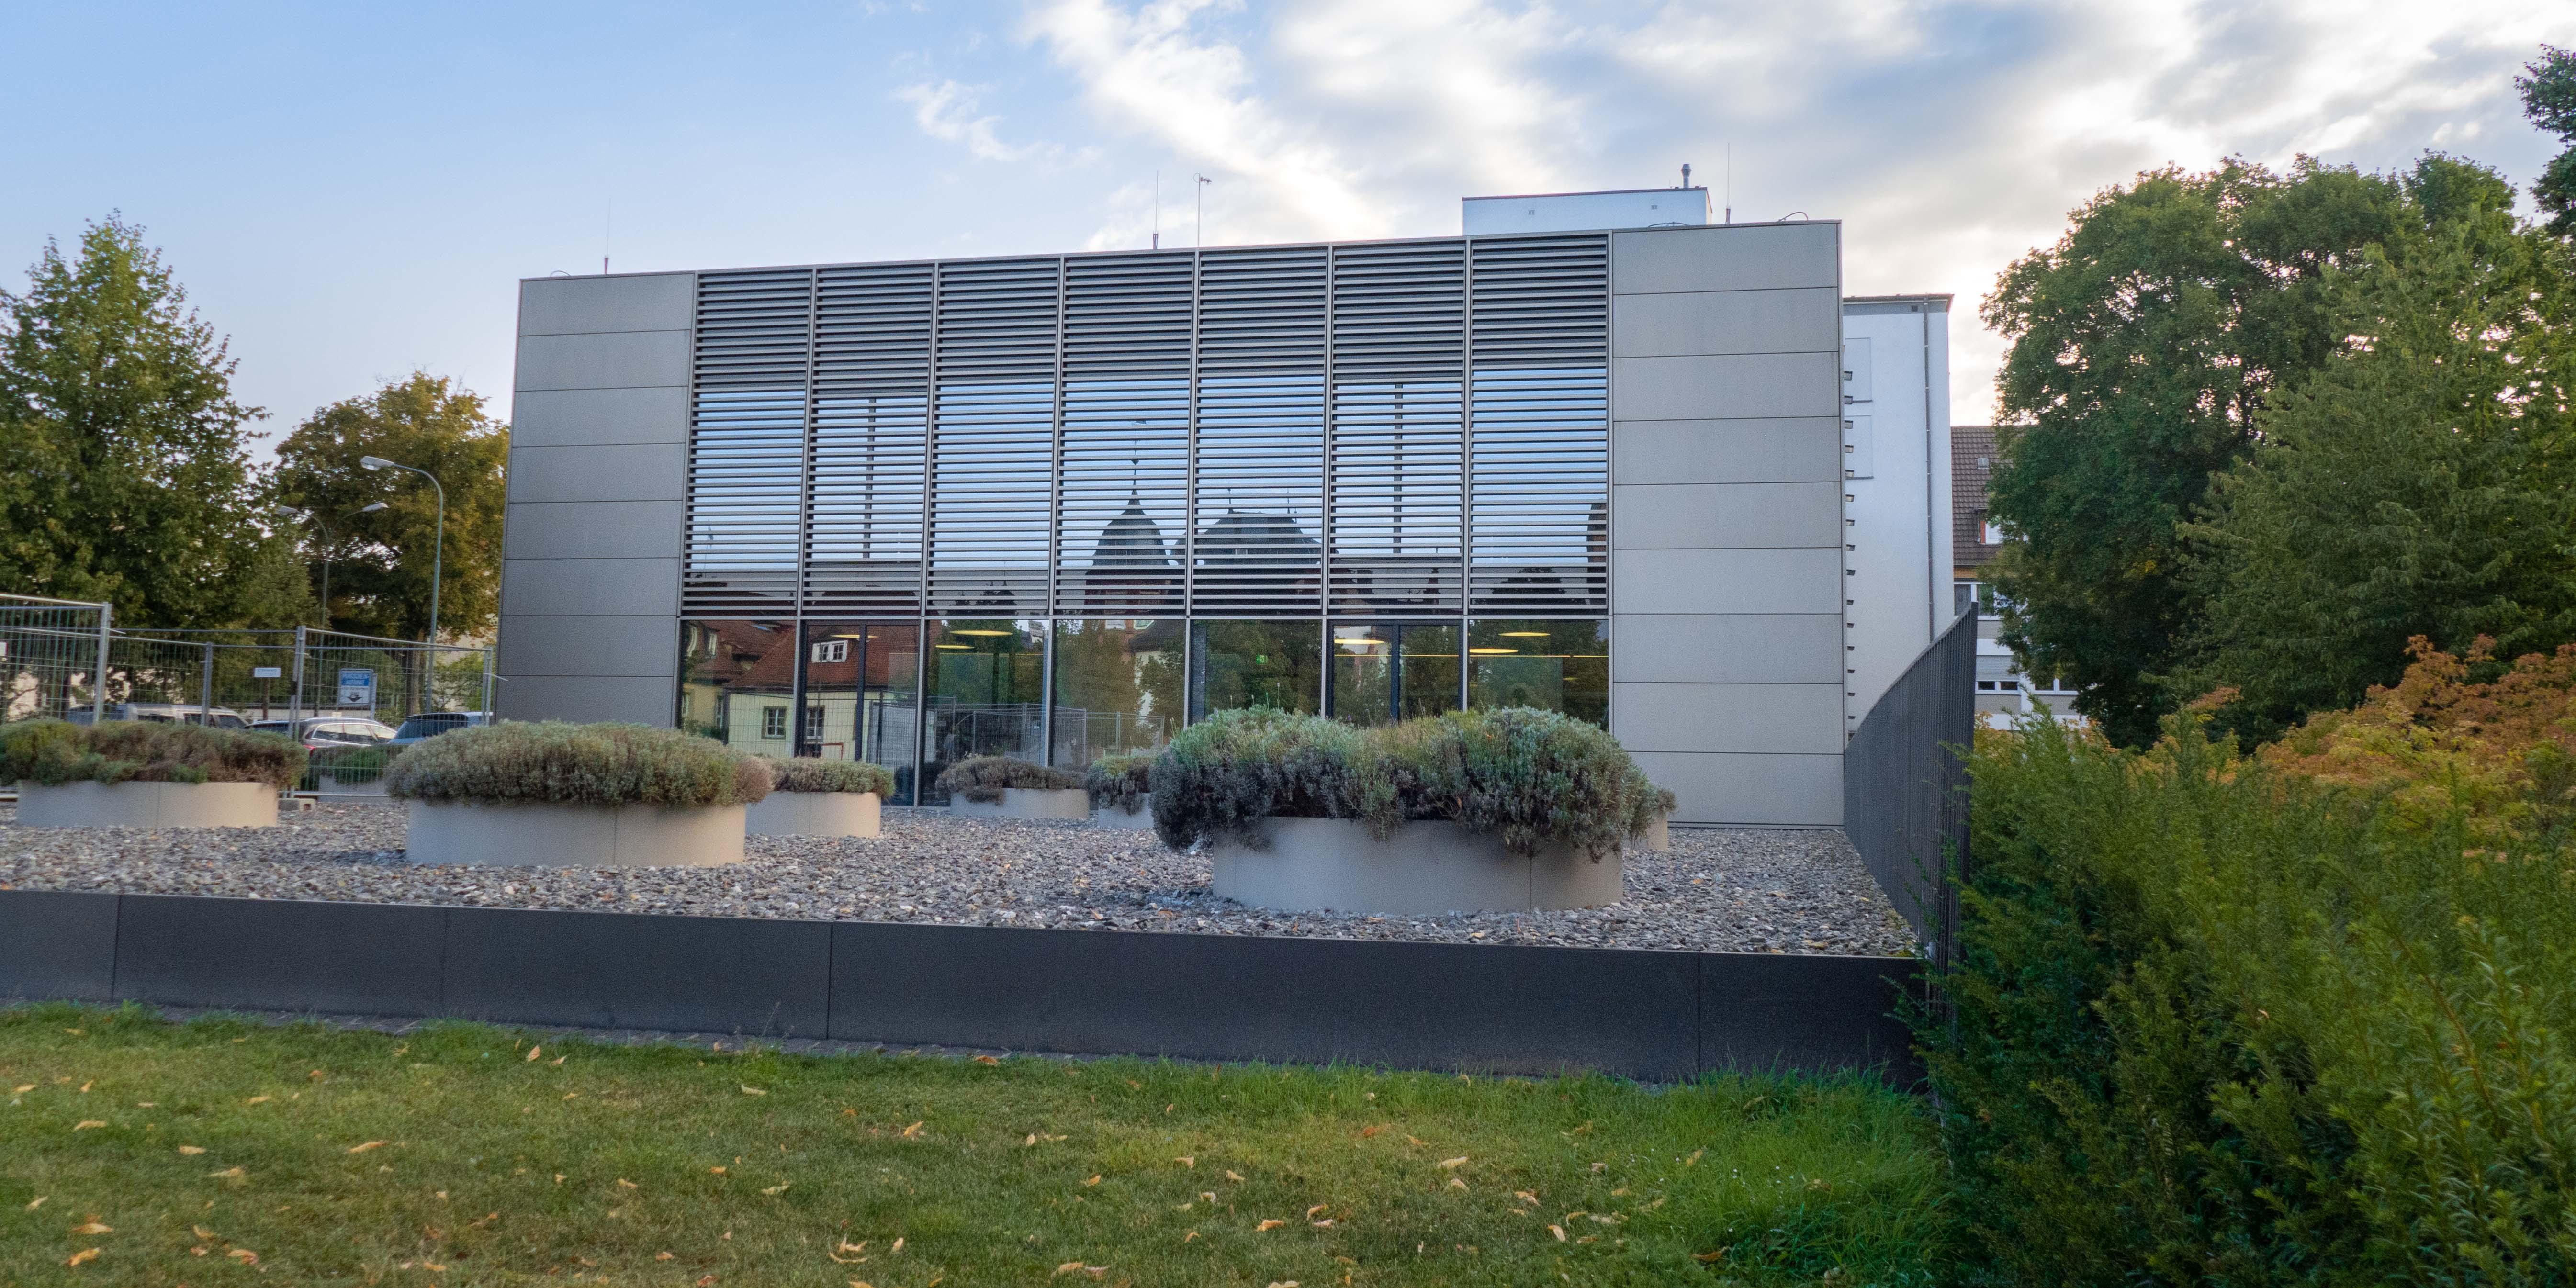 Erweiterung Landes- und Hochschulbibliothek Fulda